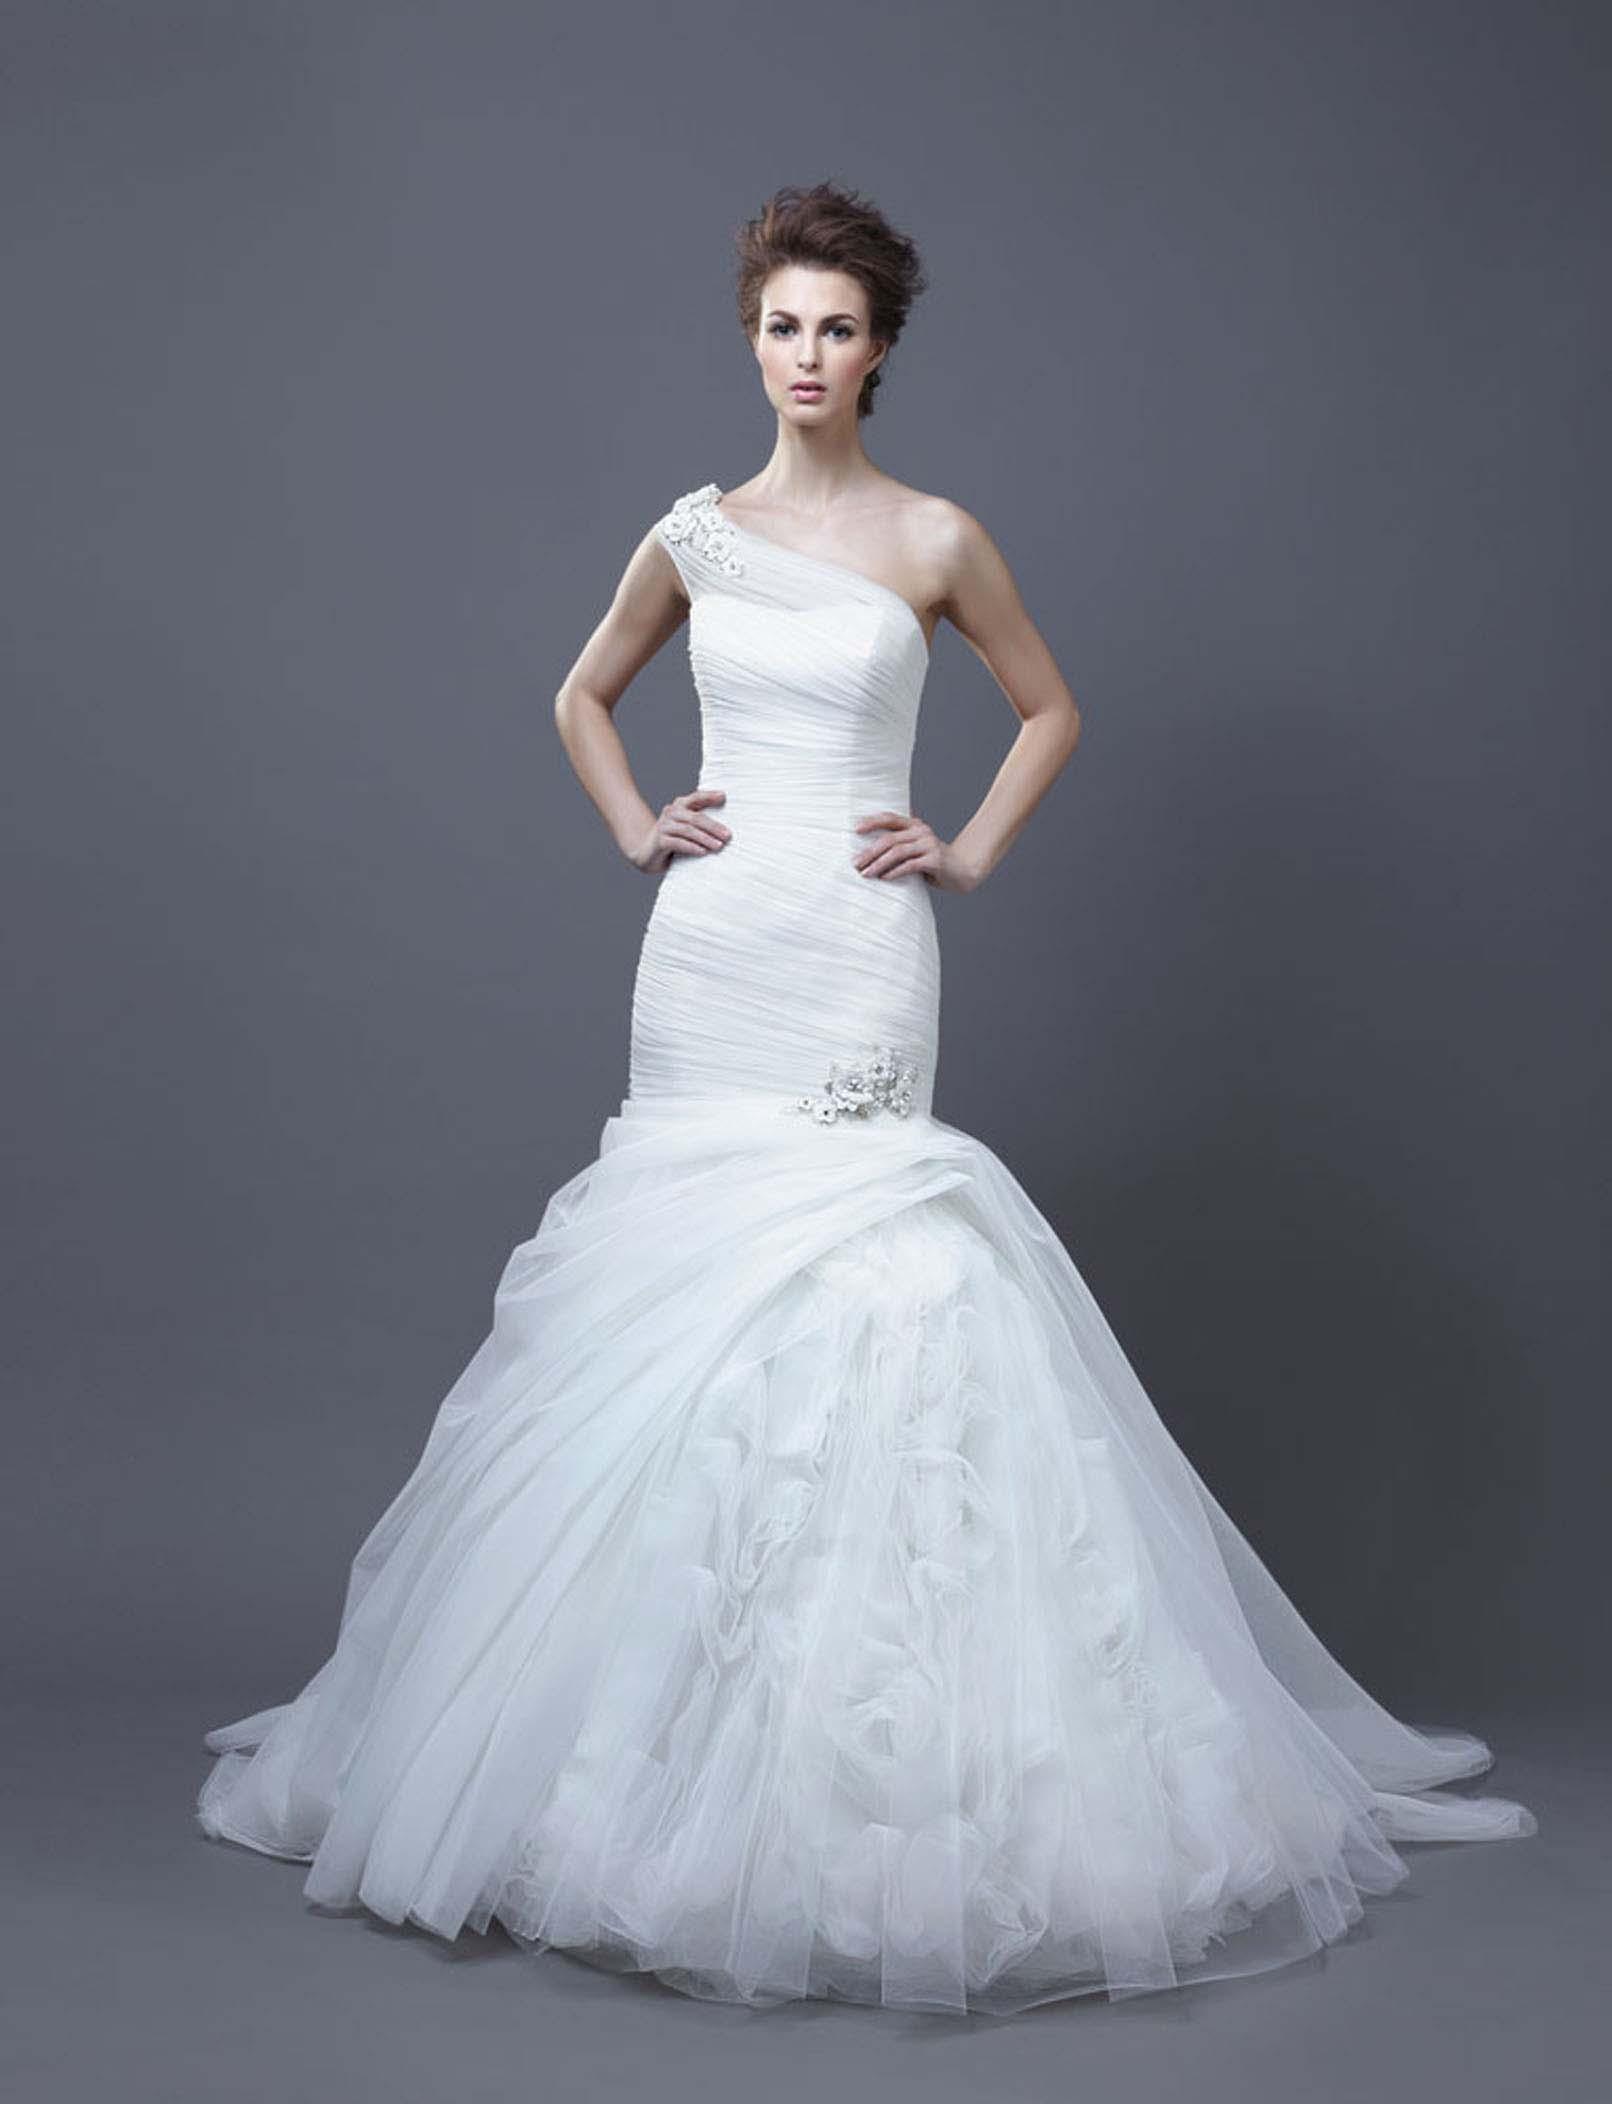 2013 wedding dress by enzoani bridal hadara for Enzoani fabi wedding dress